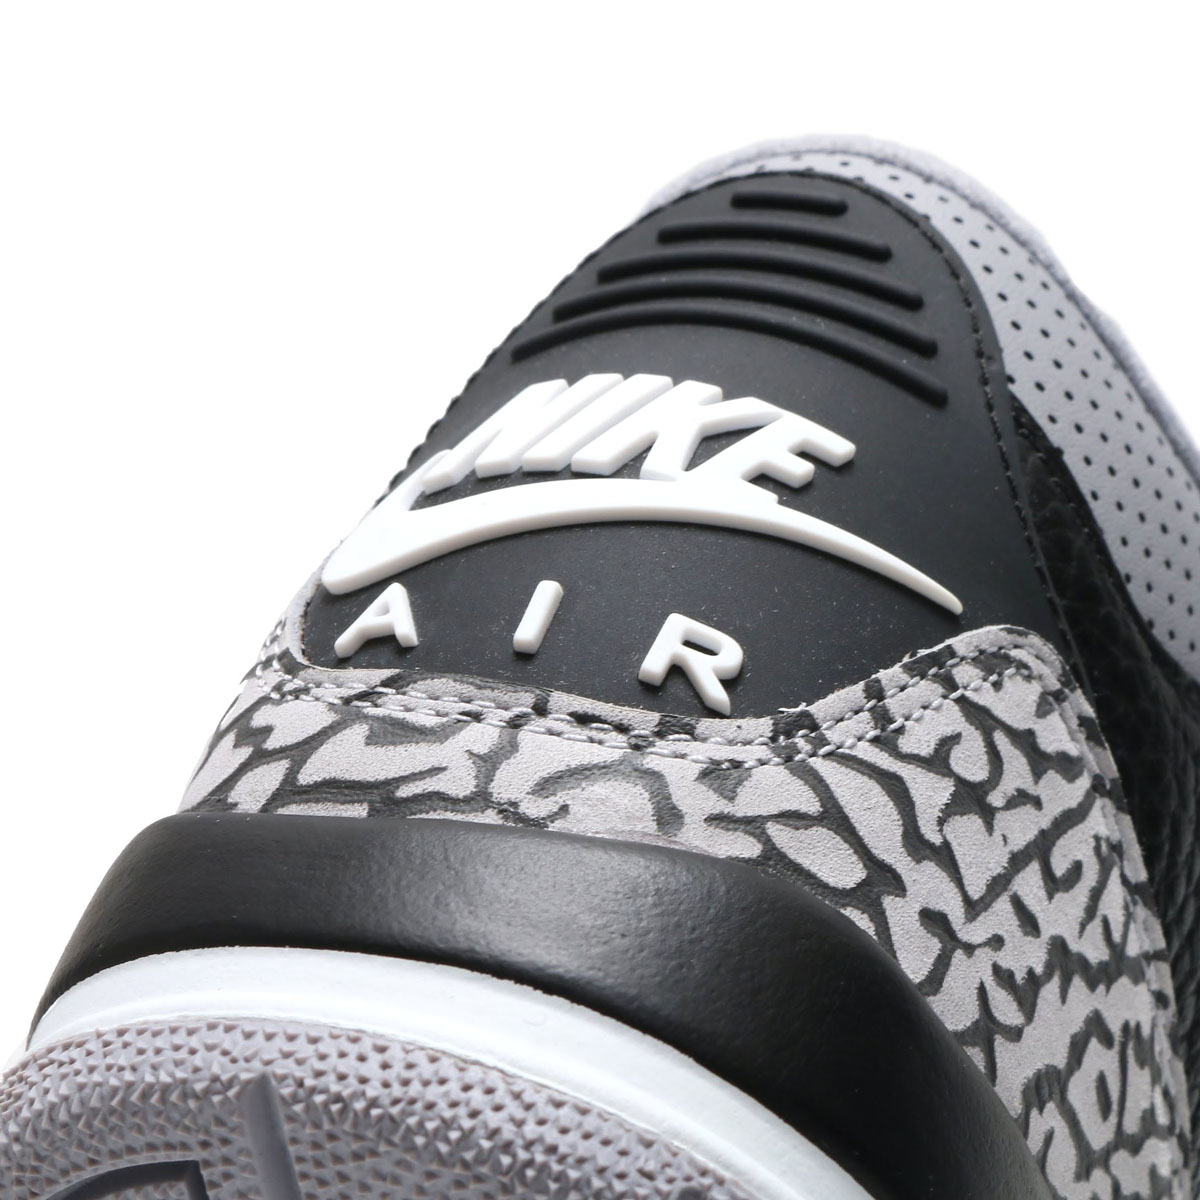 1c08533854ab NIKE AIR JORDAN 3 RETRO OG BG (Nike Air Jordan 3 nostalgic OG BG) BLACK FIRE  RED-CEMENT GREY-WHITE 18SP-S